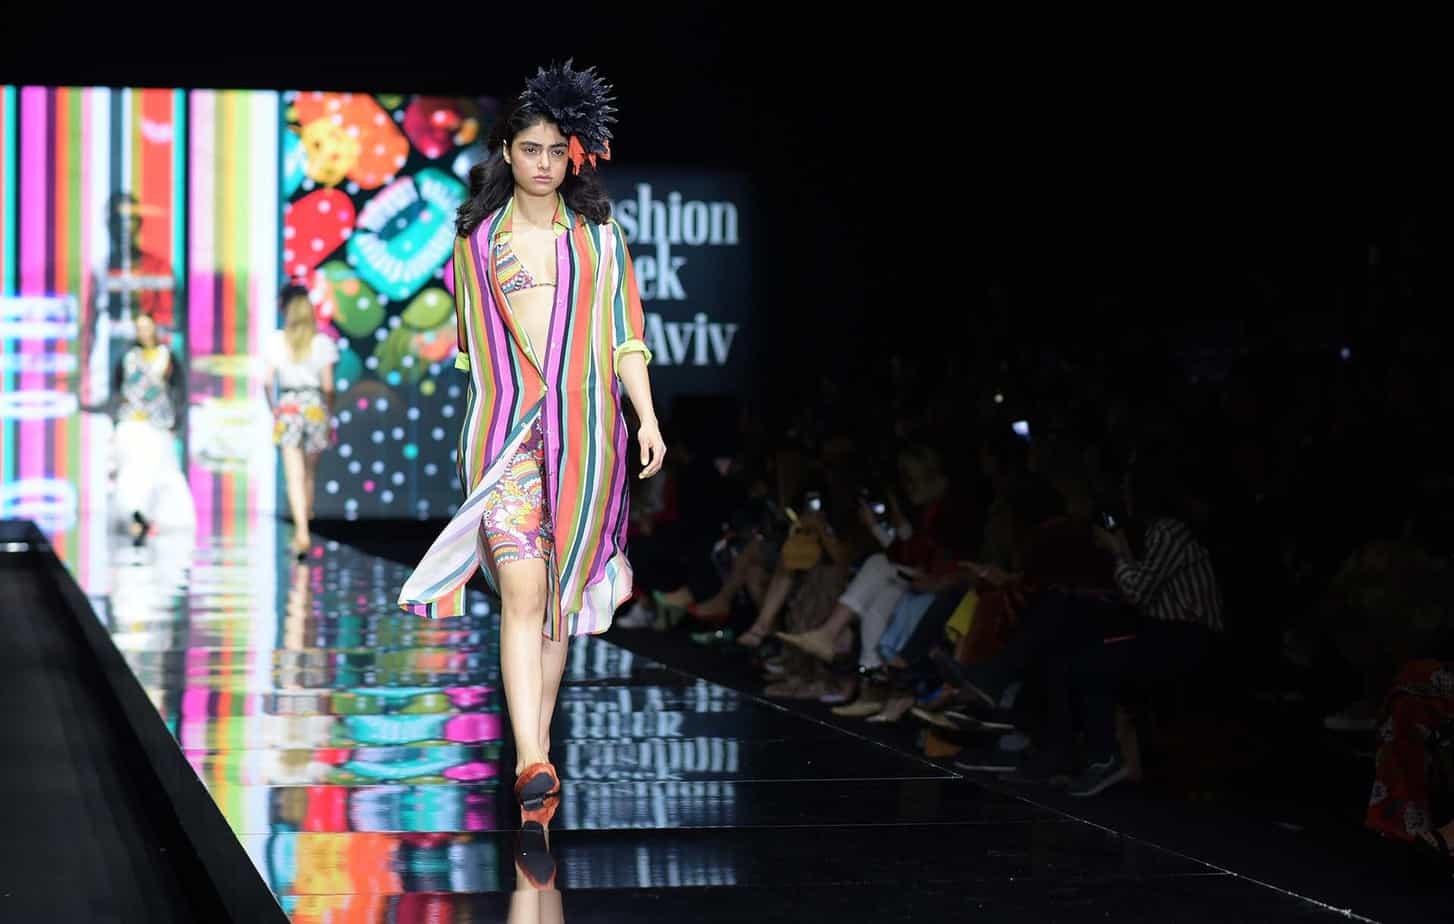 לארה רוסנובסקי, שבוע האופנה תל אביב 2019, צילום סרג'ו סטרודובצב - 8